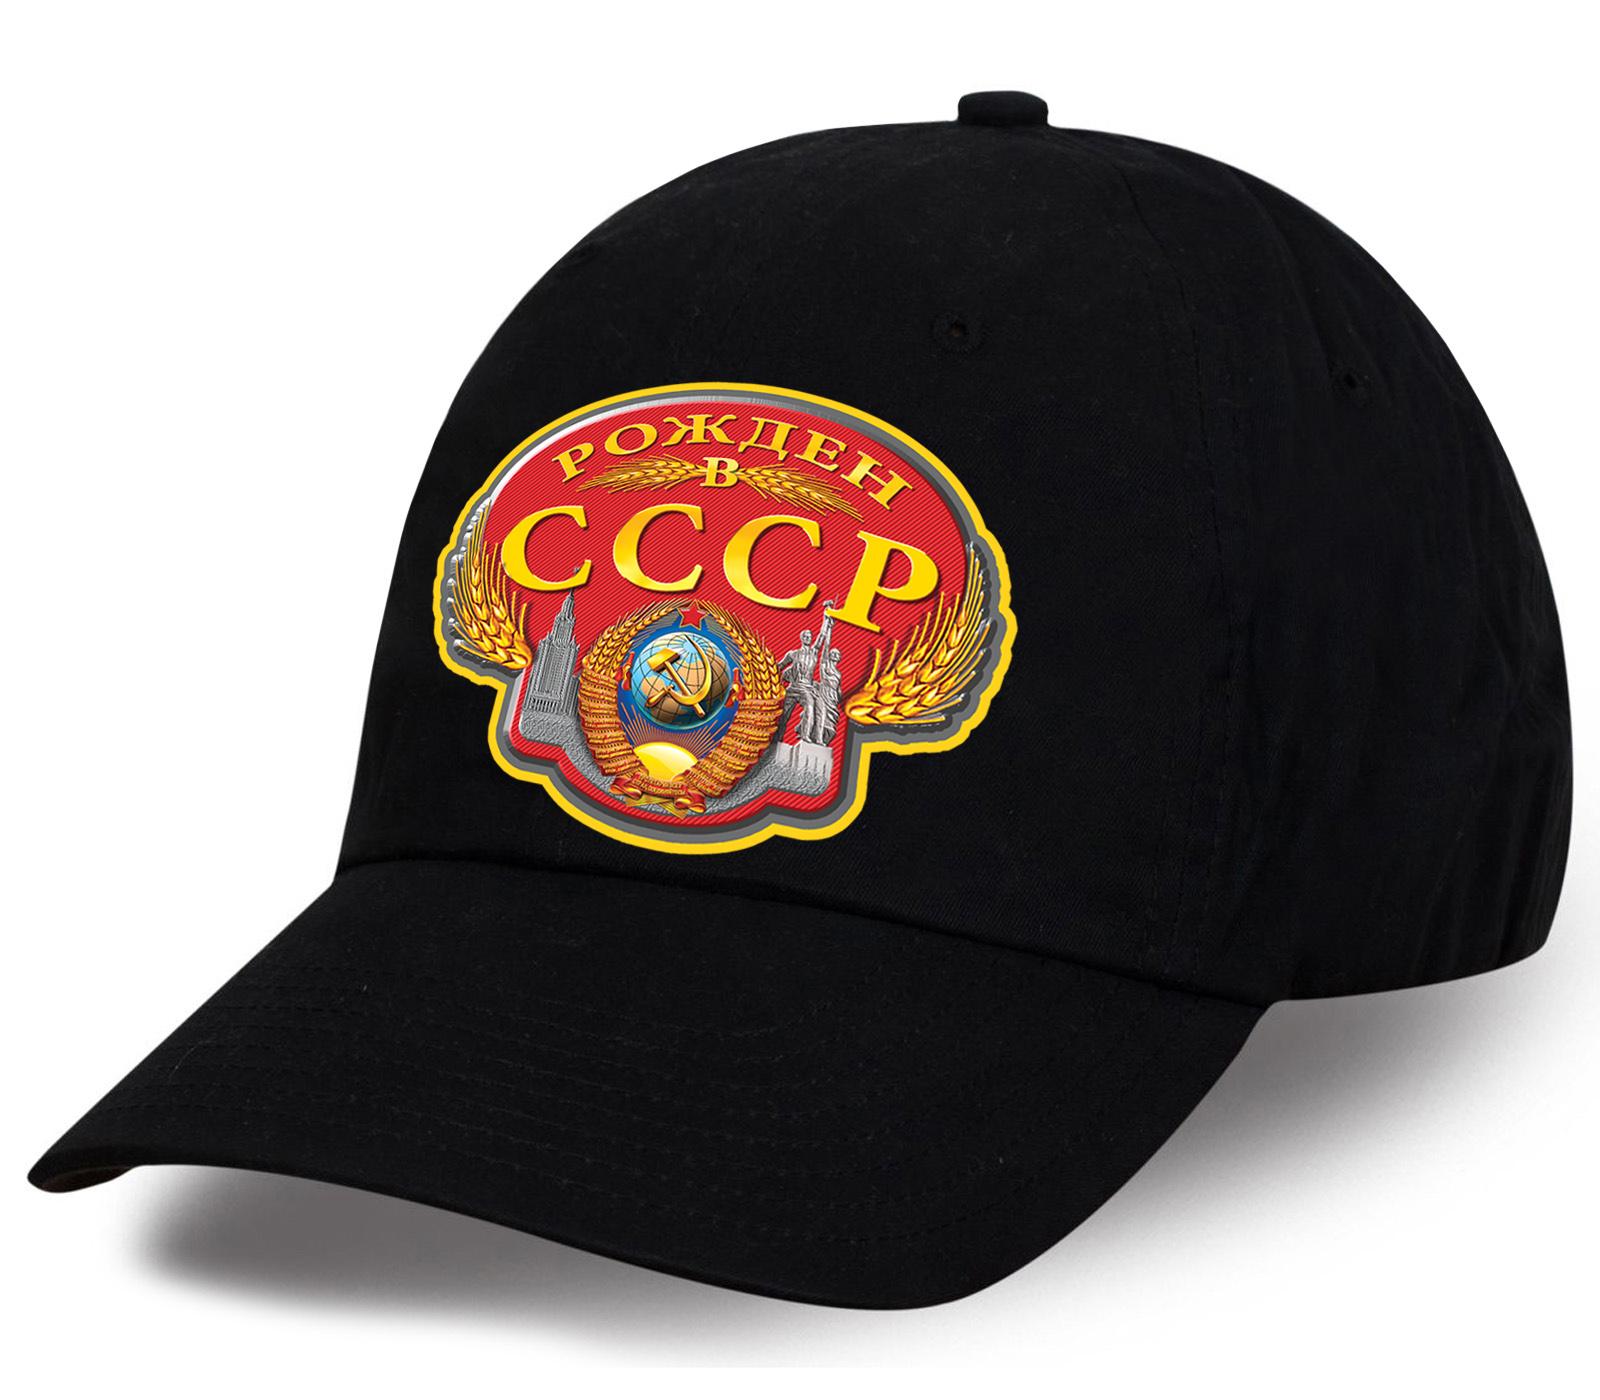 Мегауникальная кепка с эксклюзивным принтом «Рожден в СССР»